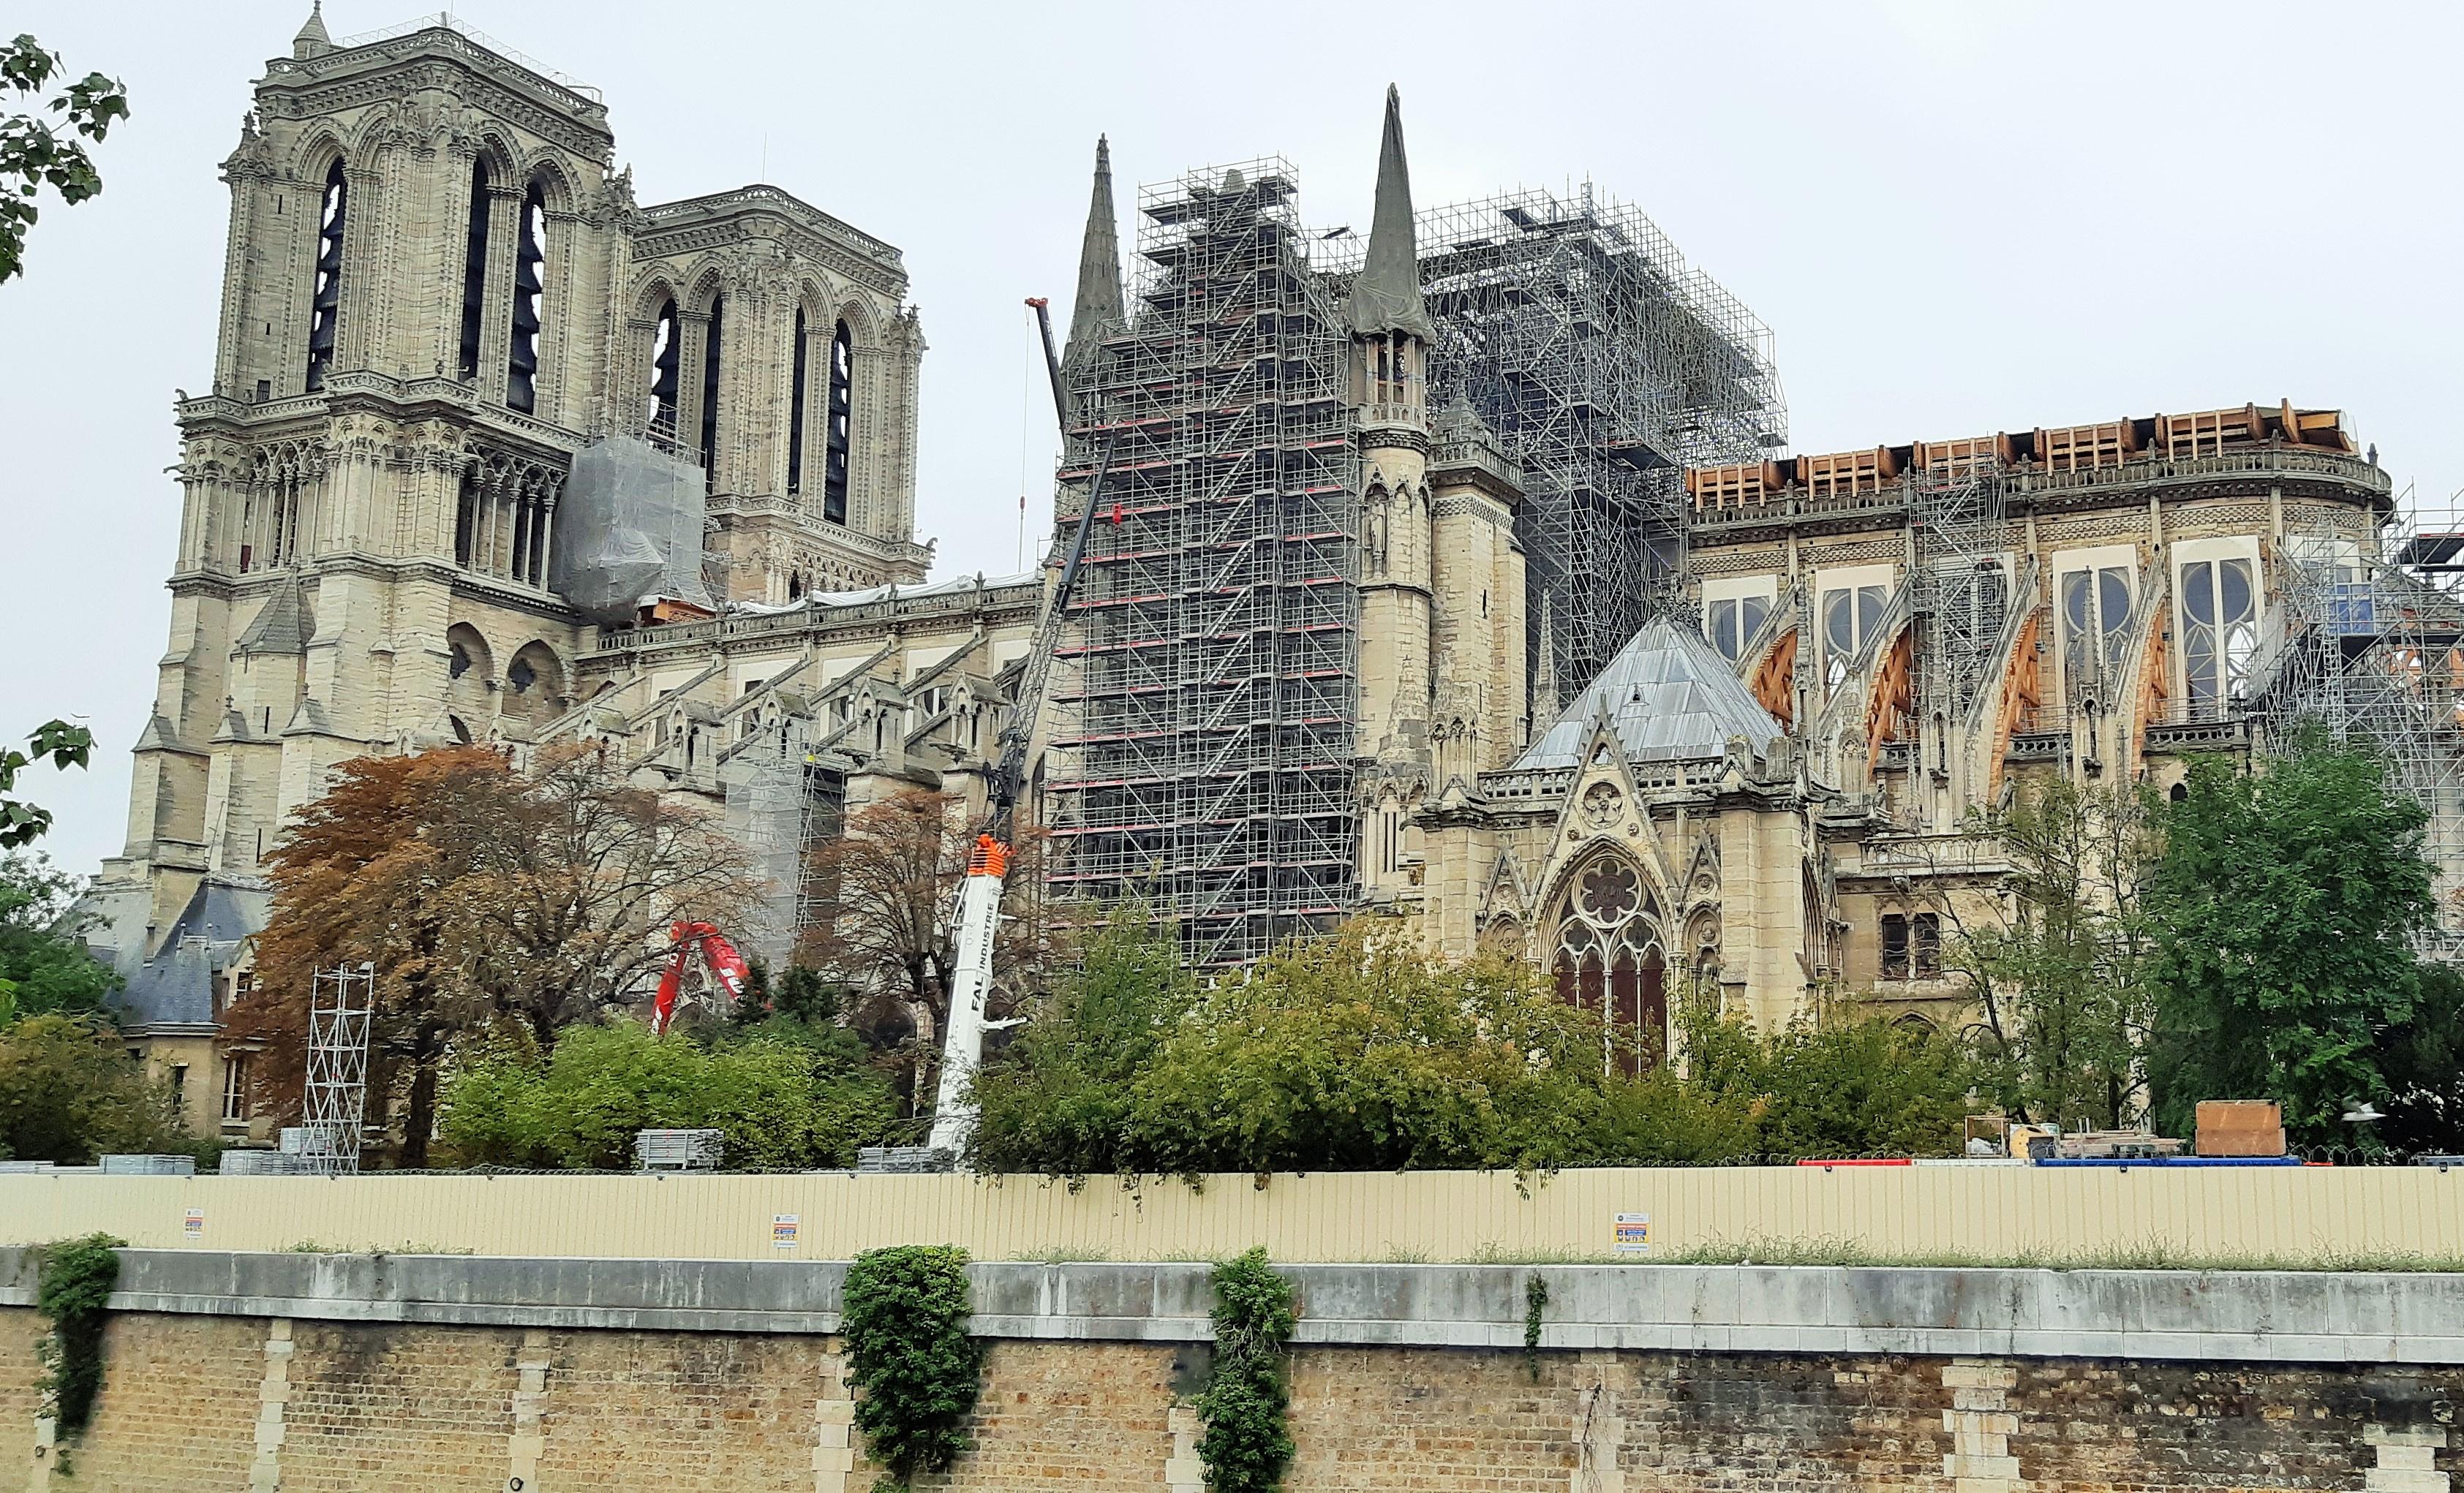 https://0901.nccdn.net/4_2/000/000/038/2d3/Notre-Dame---3-3369x2042.jpg